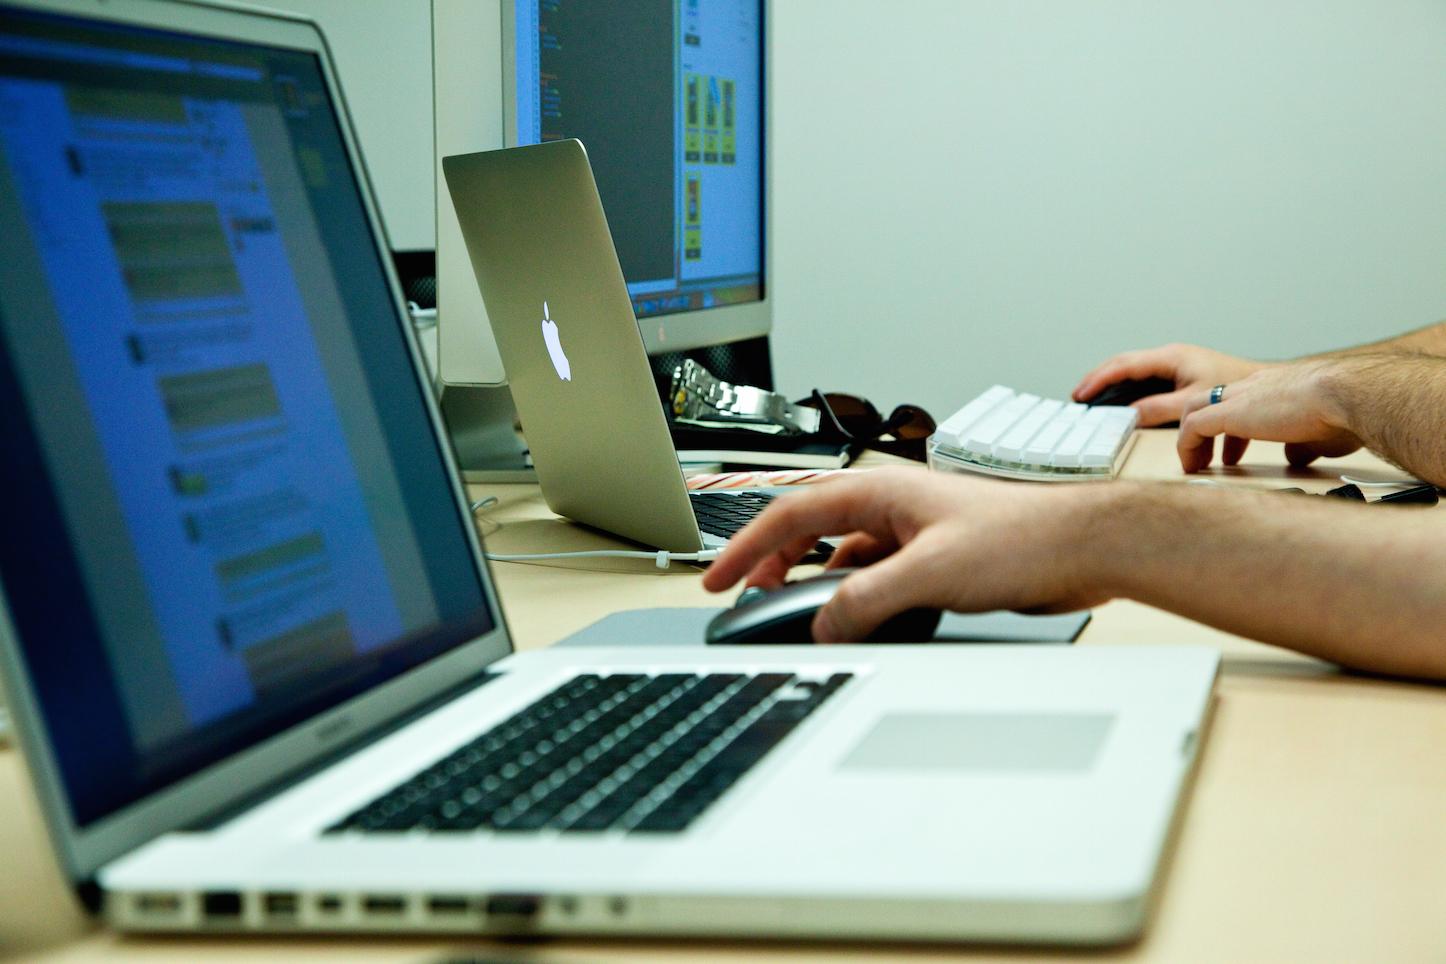 Macs at work